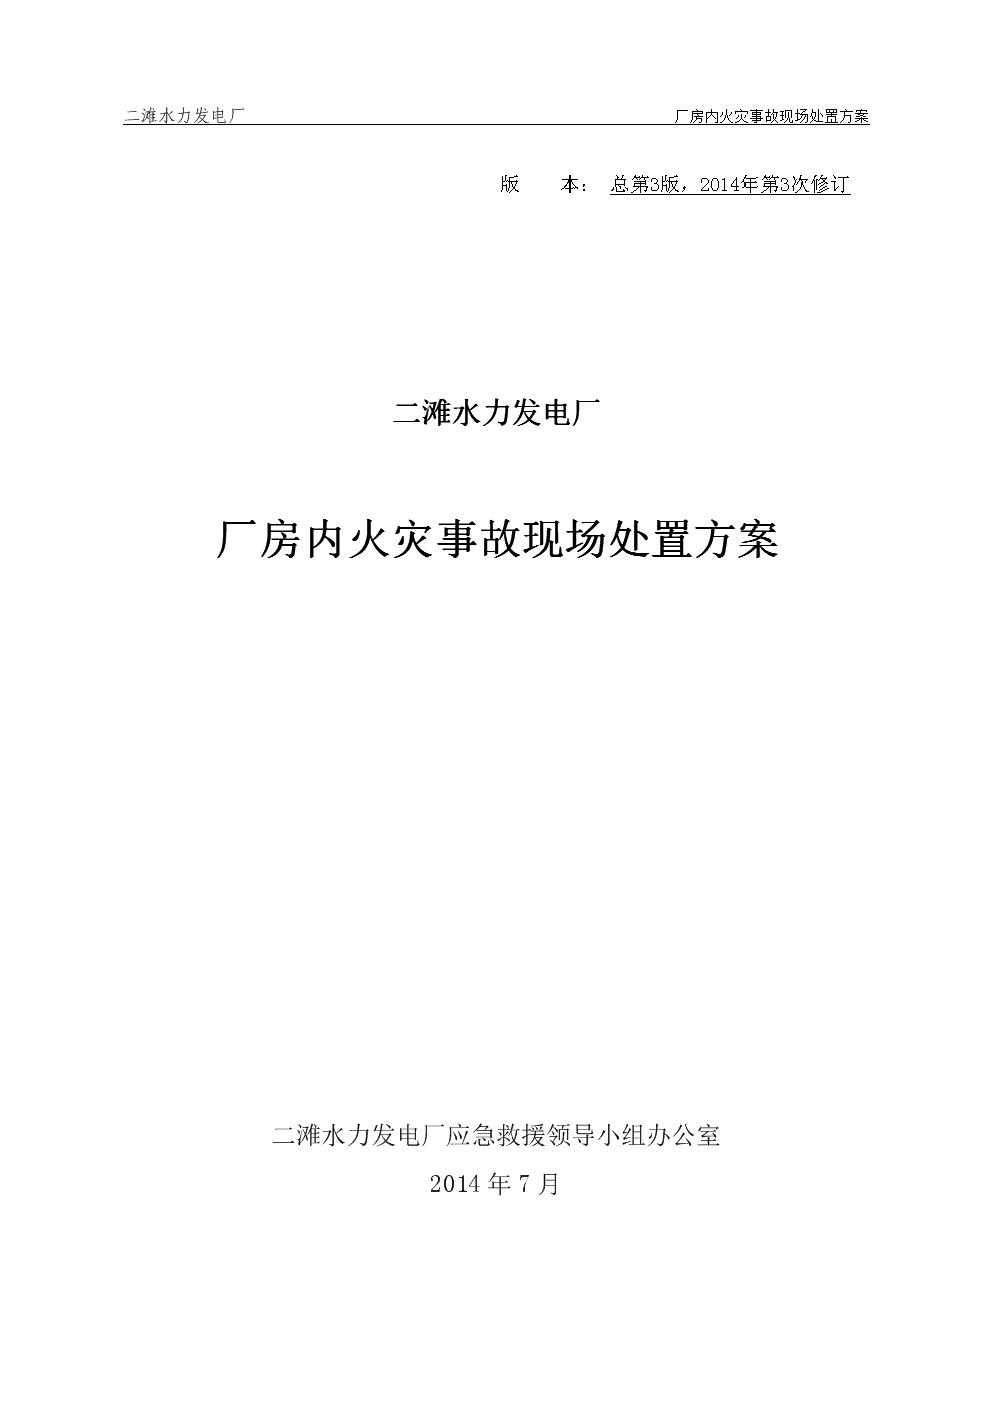 01-厂房内火灾事故现场处置方案.doc